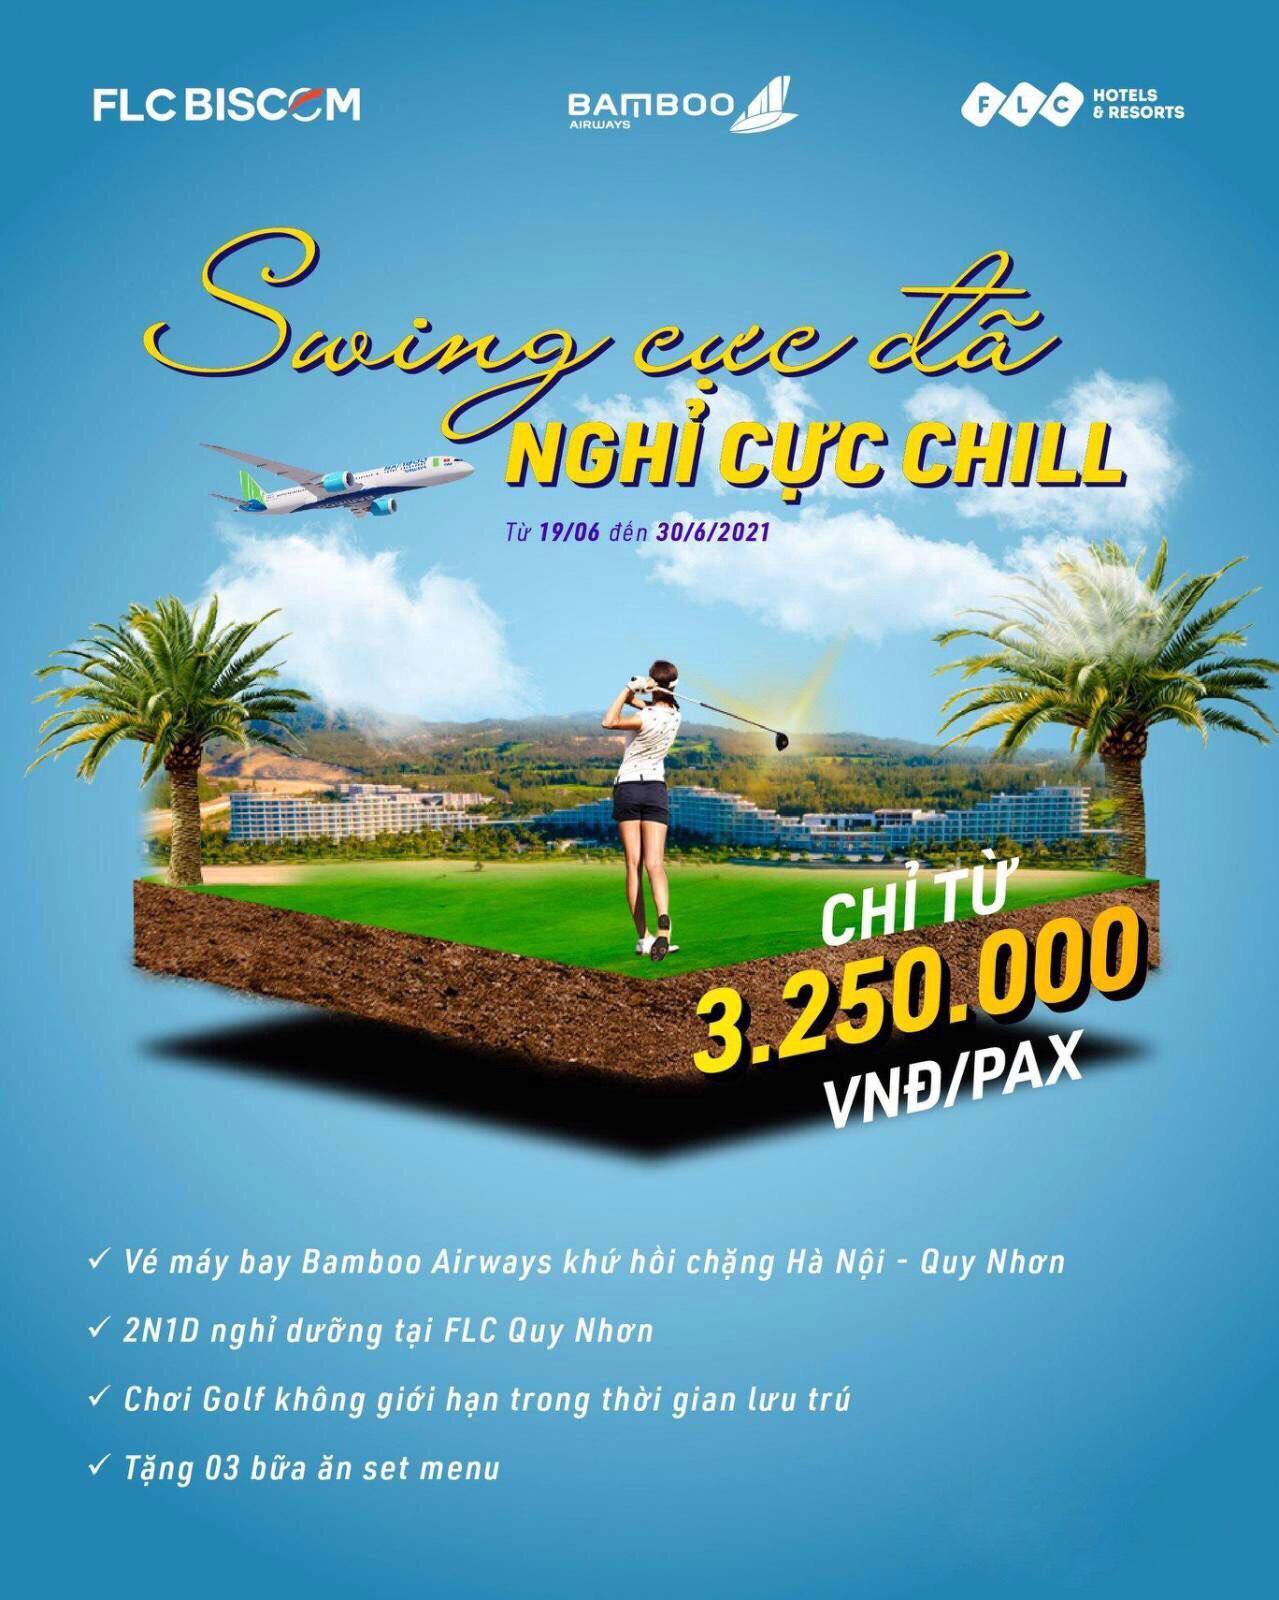 Combo golf tiết kiệm tại FlC Quy Nhơn chỉ từ 3.250.000VNĐ/pax